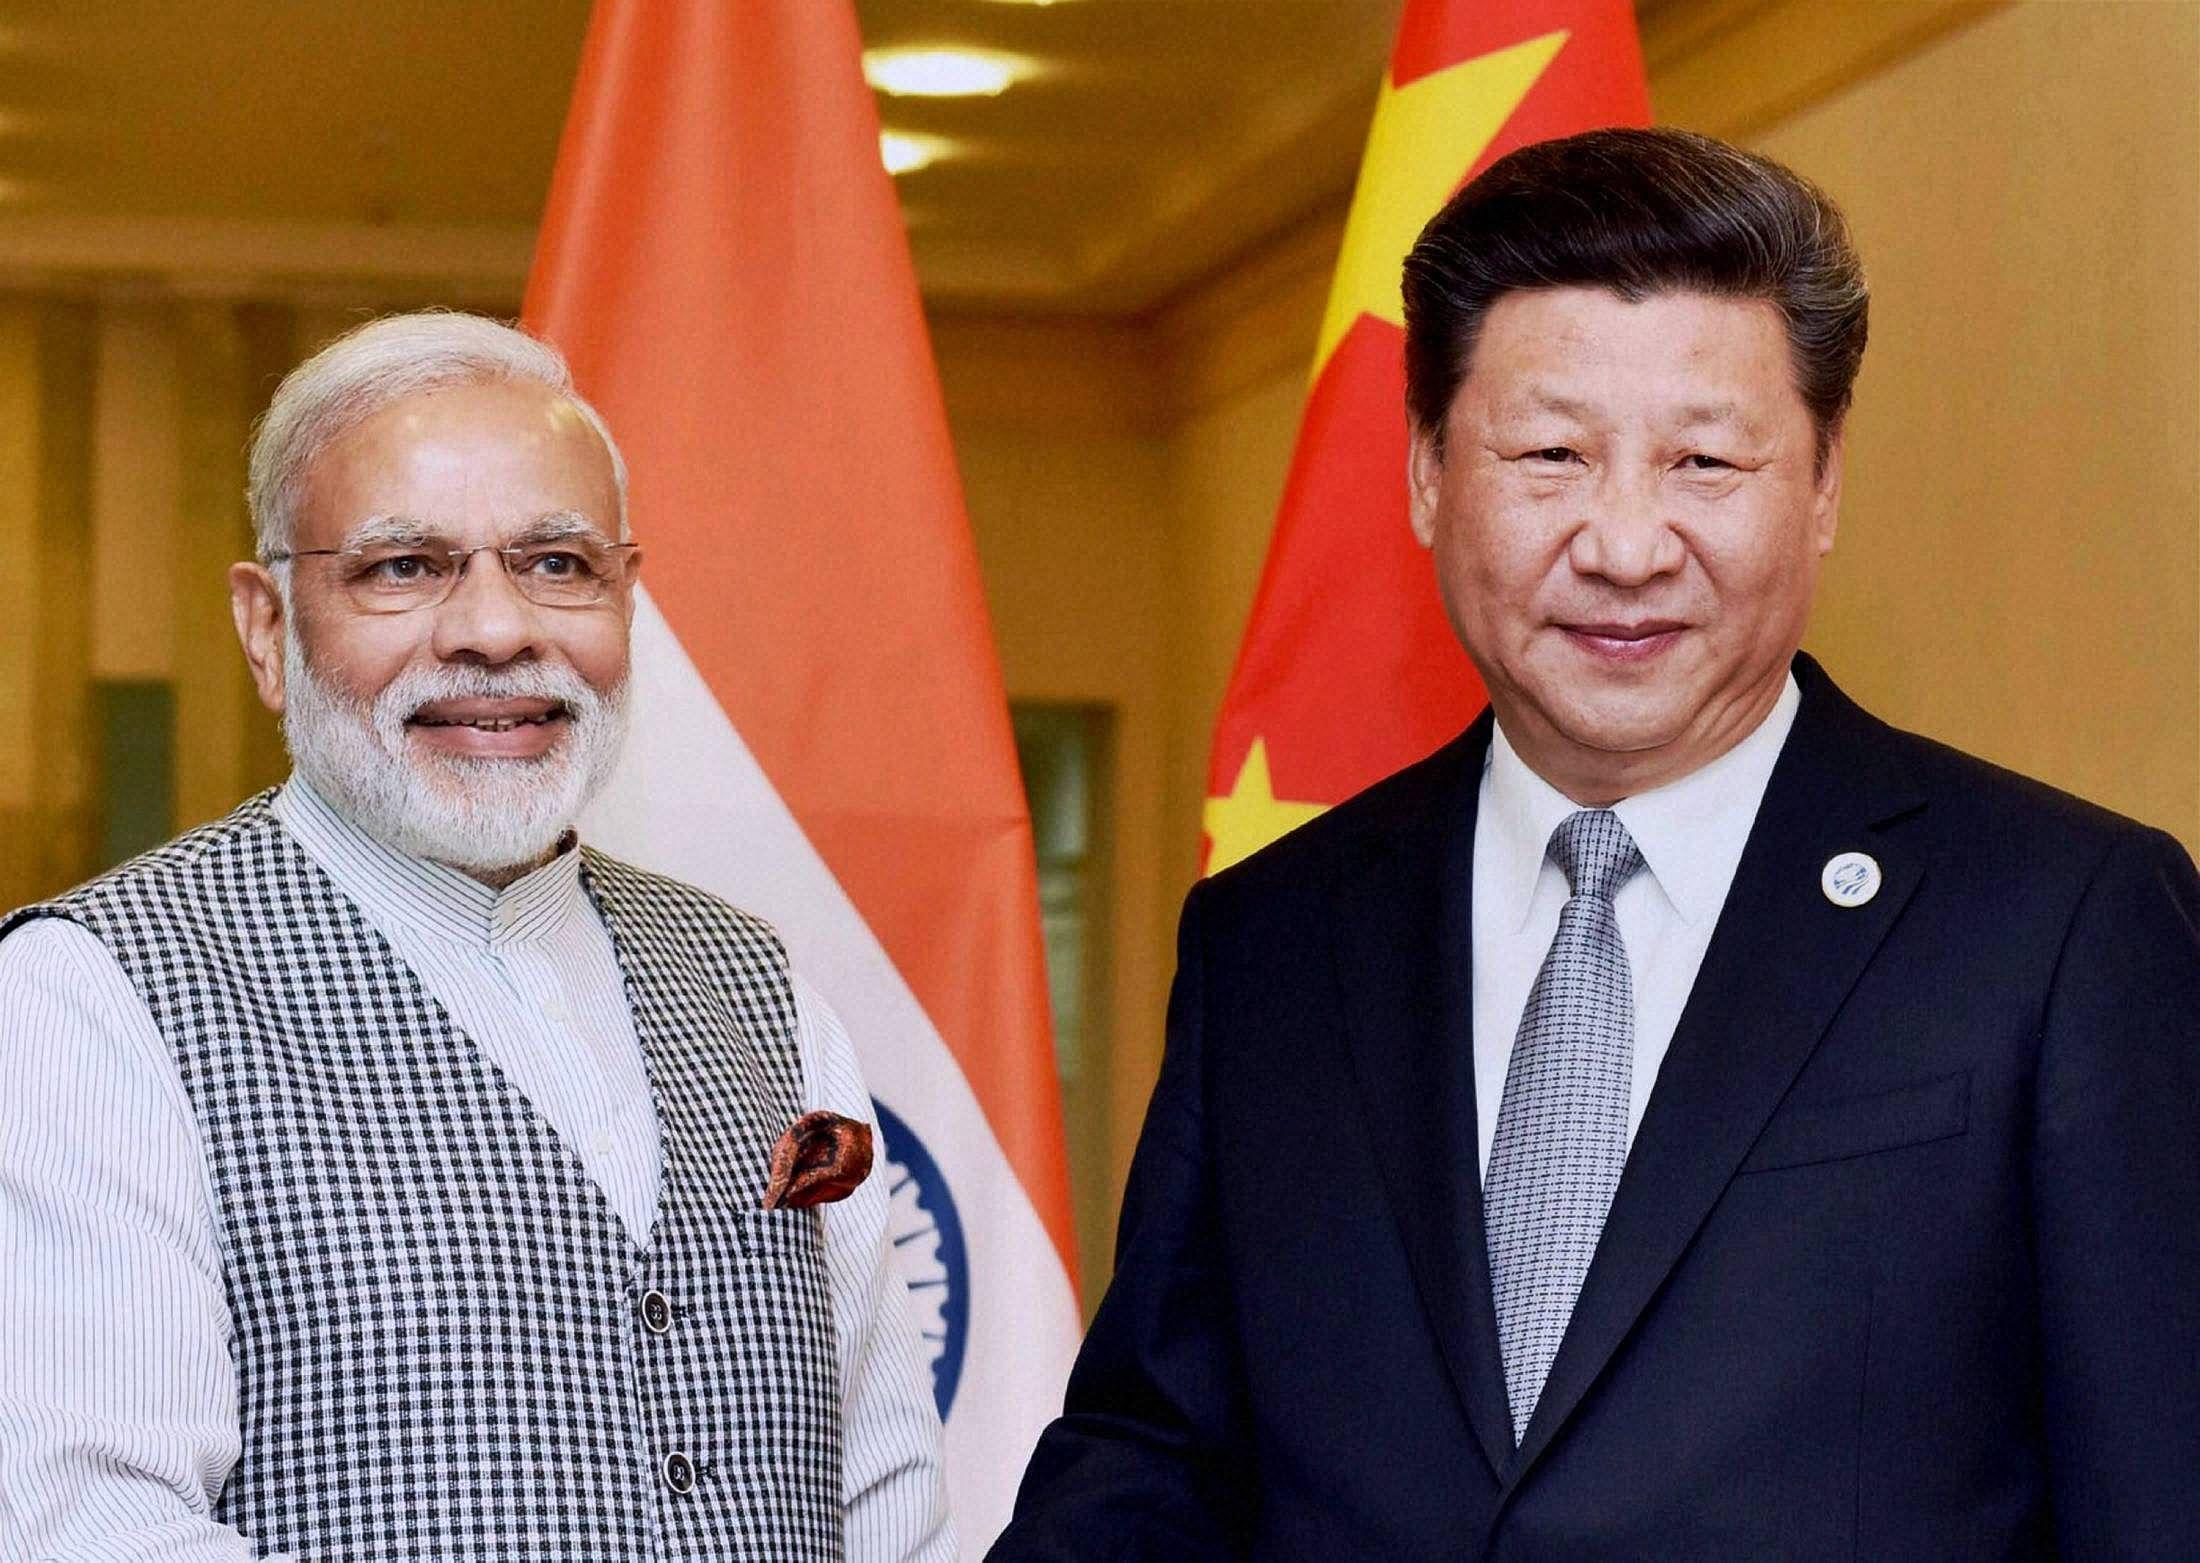 प्रधानमंत्री मोदी और चीन के राष्ट्रपति शी जिनपिंग (फाइल फोटो)